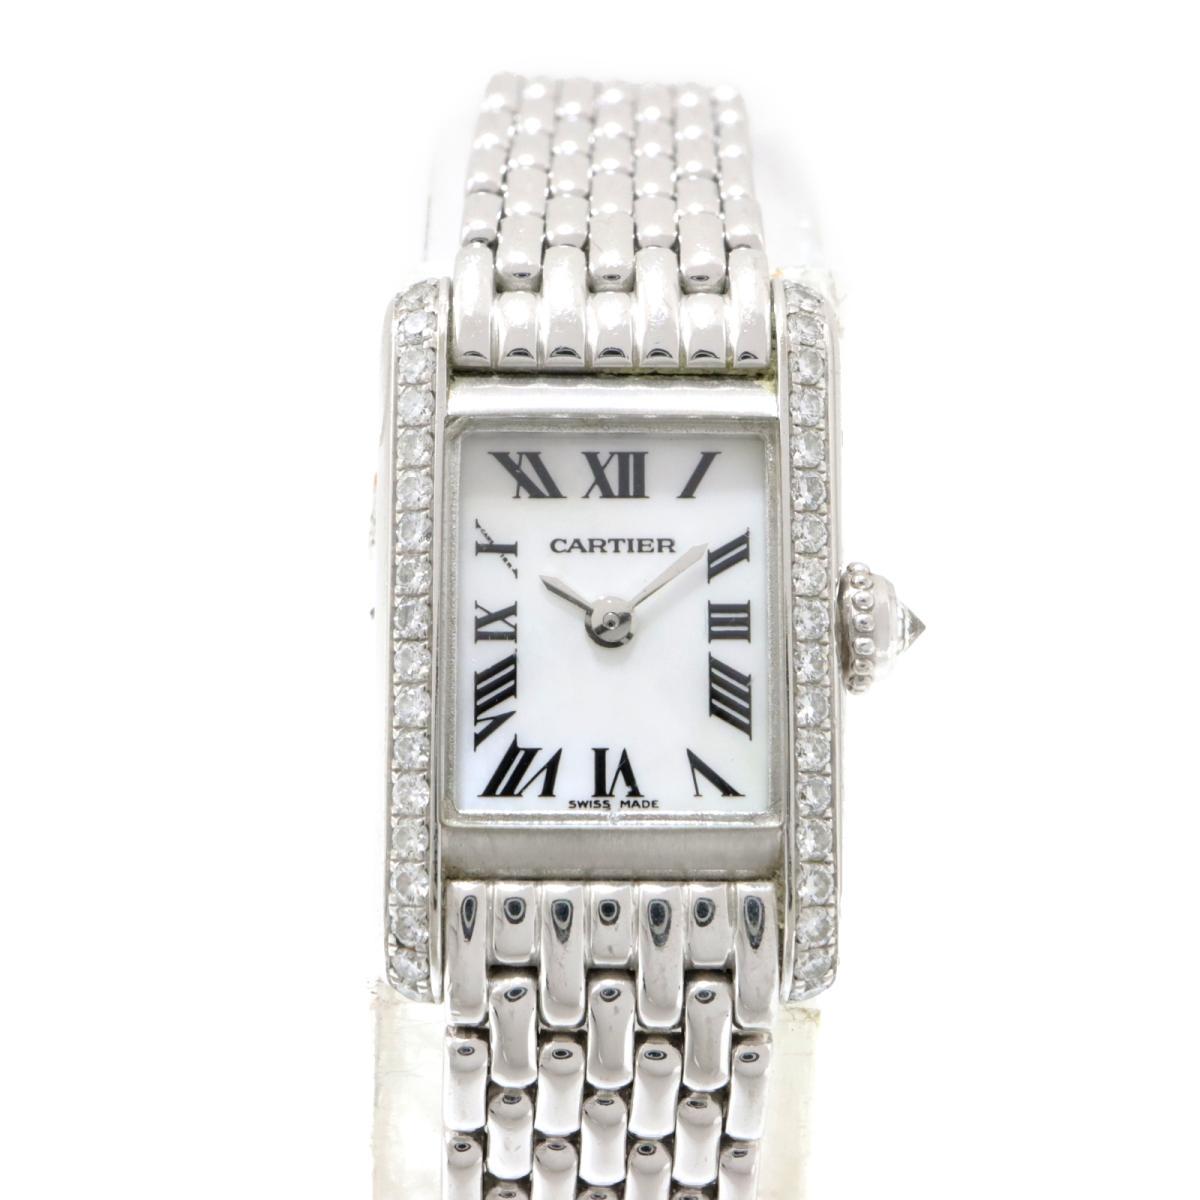 ≪期間限定≫メルマガ登録でクーポンGET! 【中古】 カルティエ ミニタンク アジア限定 1999年 腕時計 レディース K18WG (750)ホワイトゴールド ダイヤモンド シルバー (WB2032U3) | Cartier BRANDOFF ブランドオフ ブランド ブランド時計 ブランド腕時計 時計